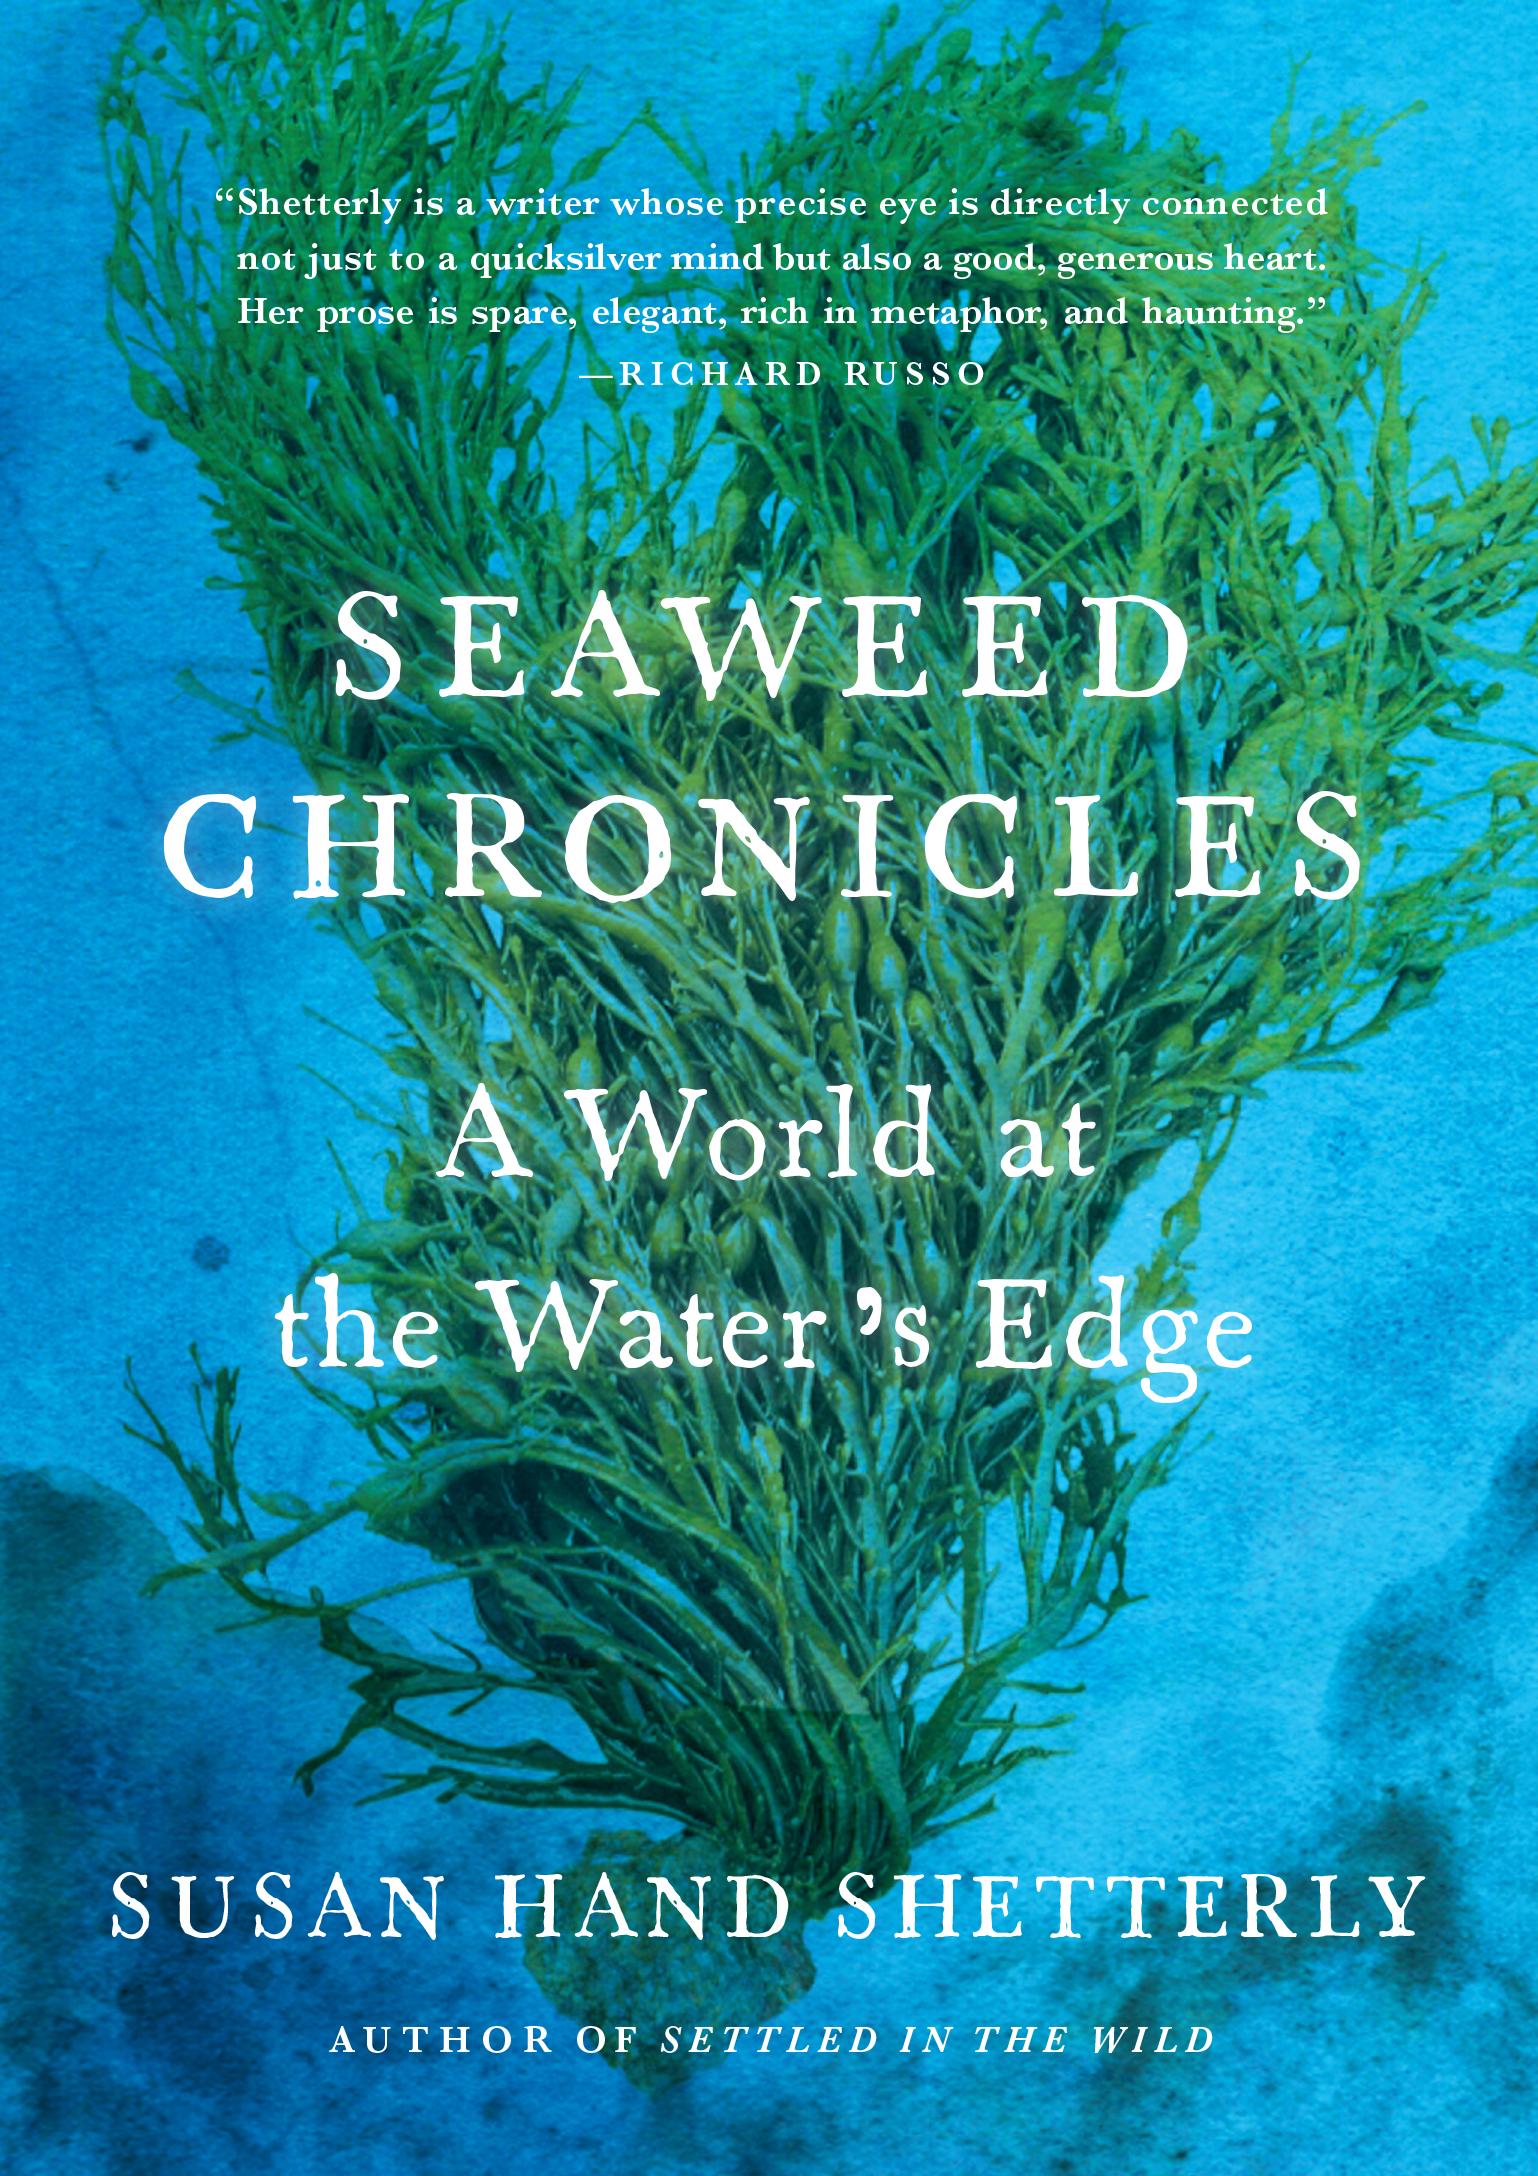 Seaweed Chronicles.jpg